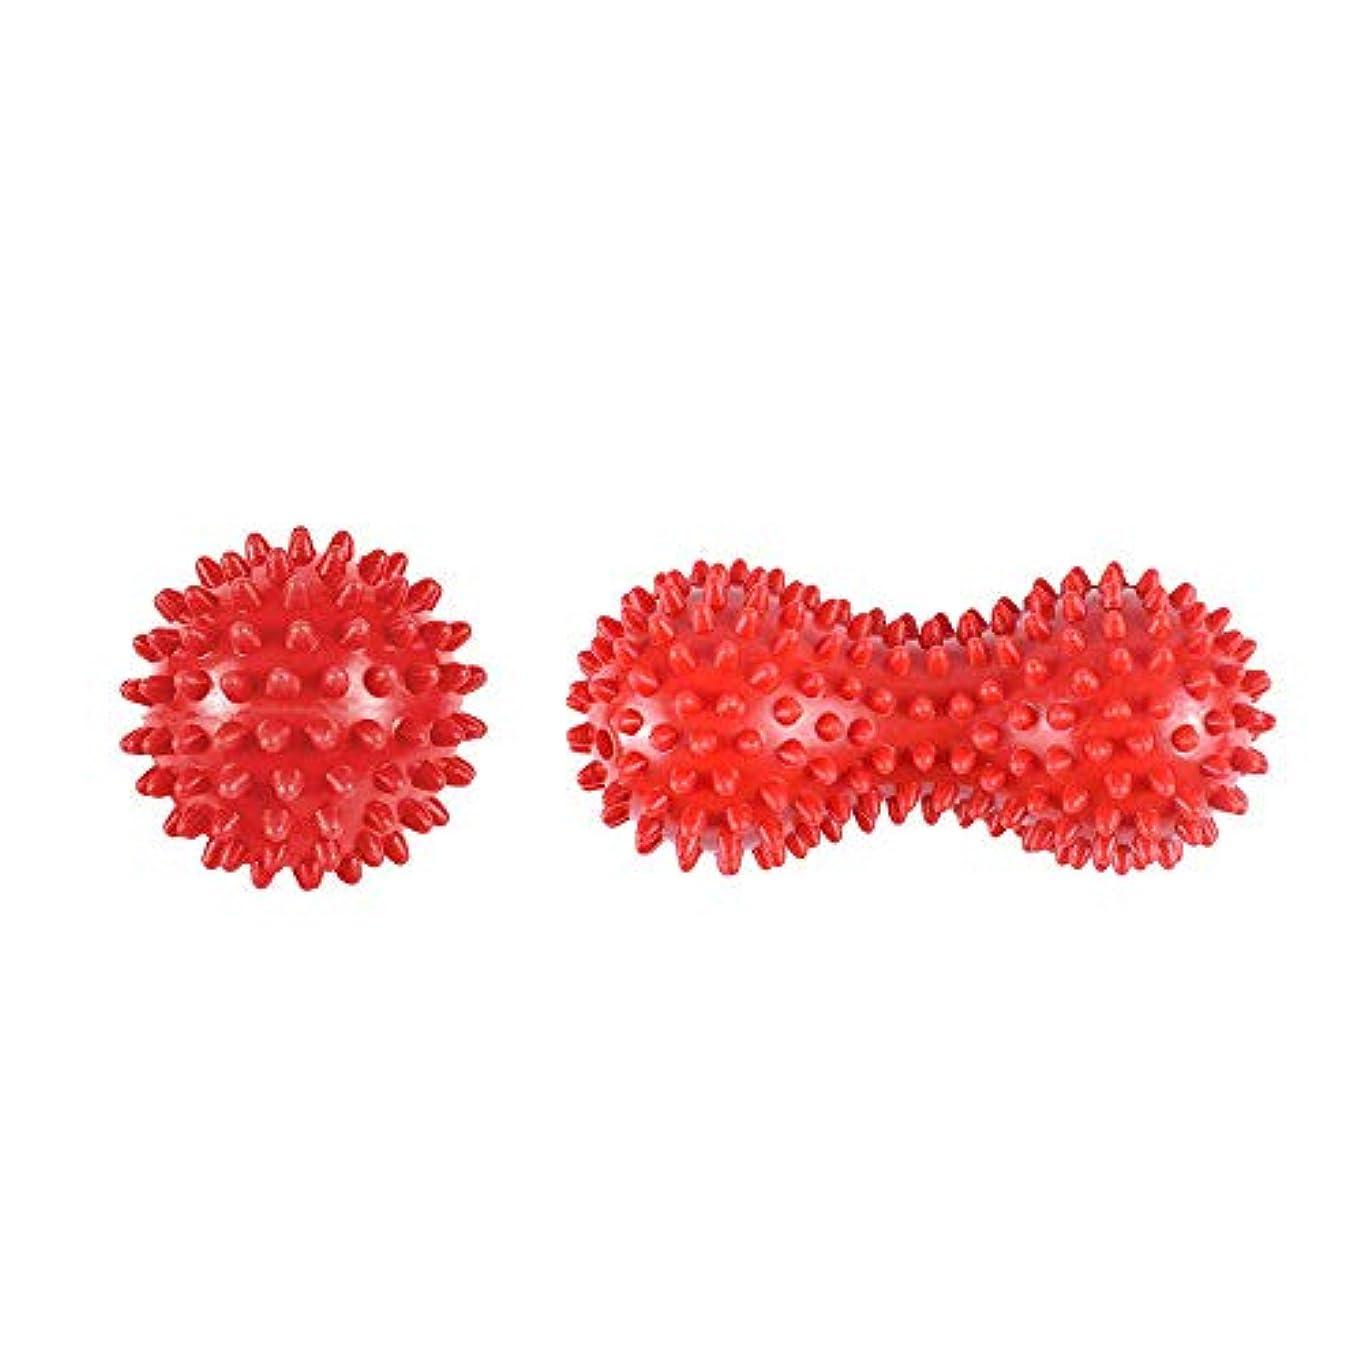 舌な怠感推測ヨガボール ツボ押しグッズ ツボマッサージ ツインボール マッサージボール ストレッチ ピーナッツ型 筋膜